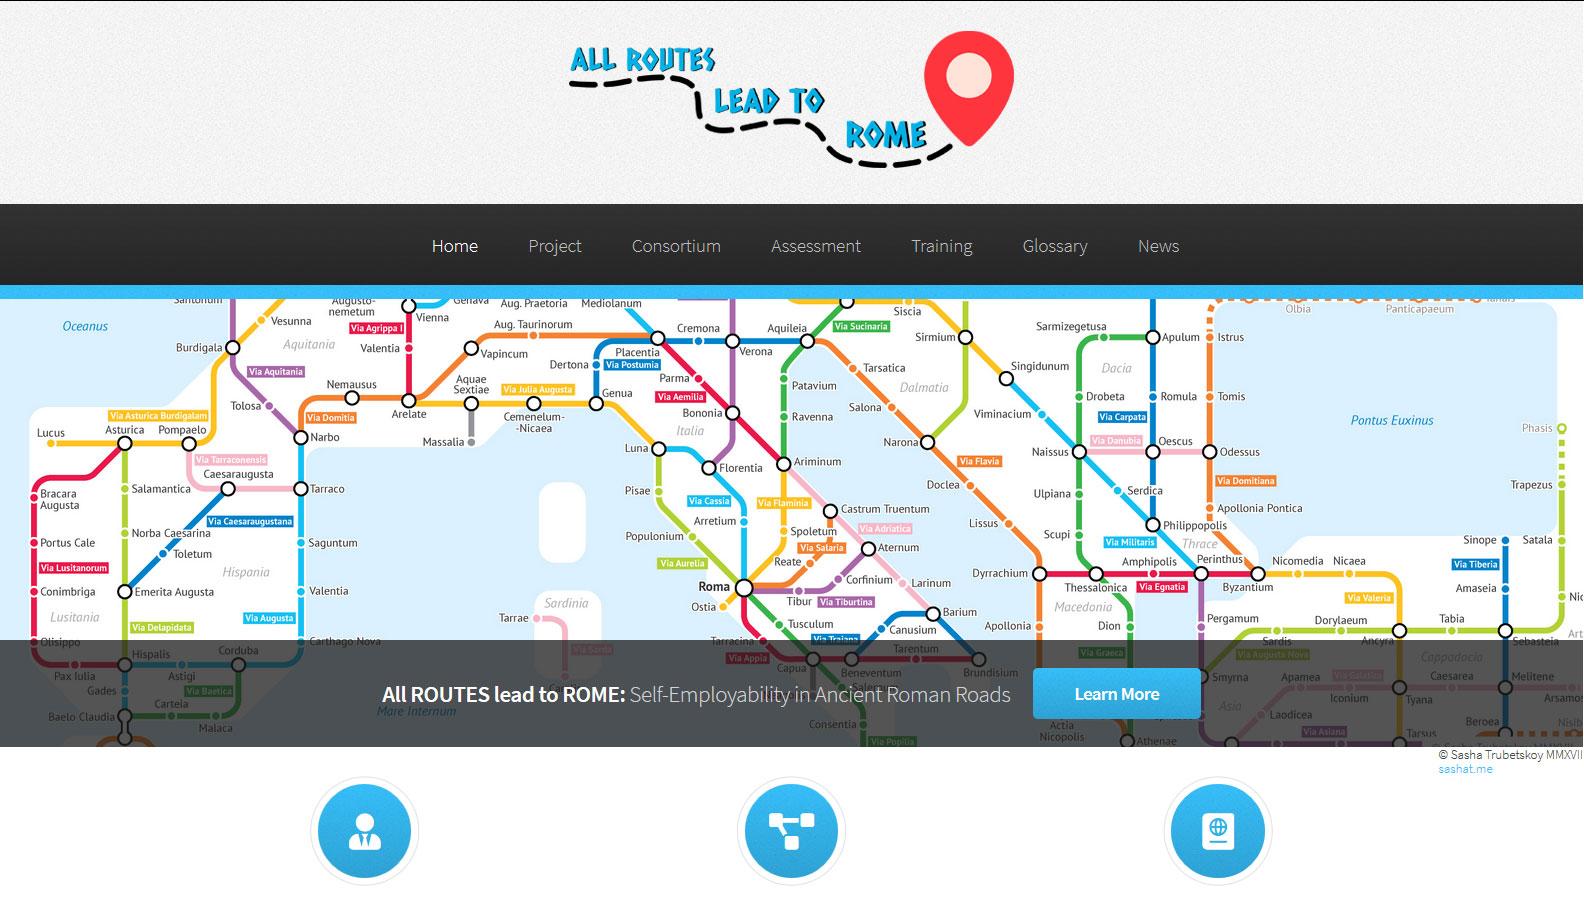 La web del proyecto ROMAN ROUTES: Autoempleo en las antiguas rutas romanas abierta al público